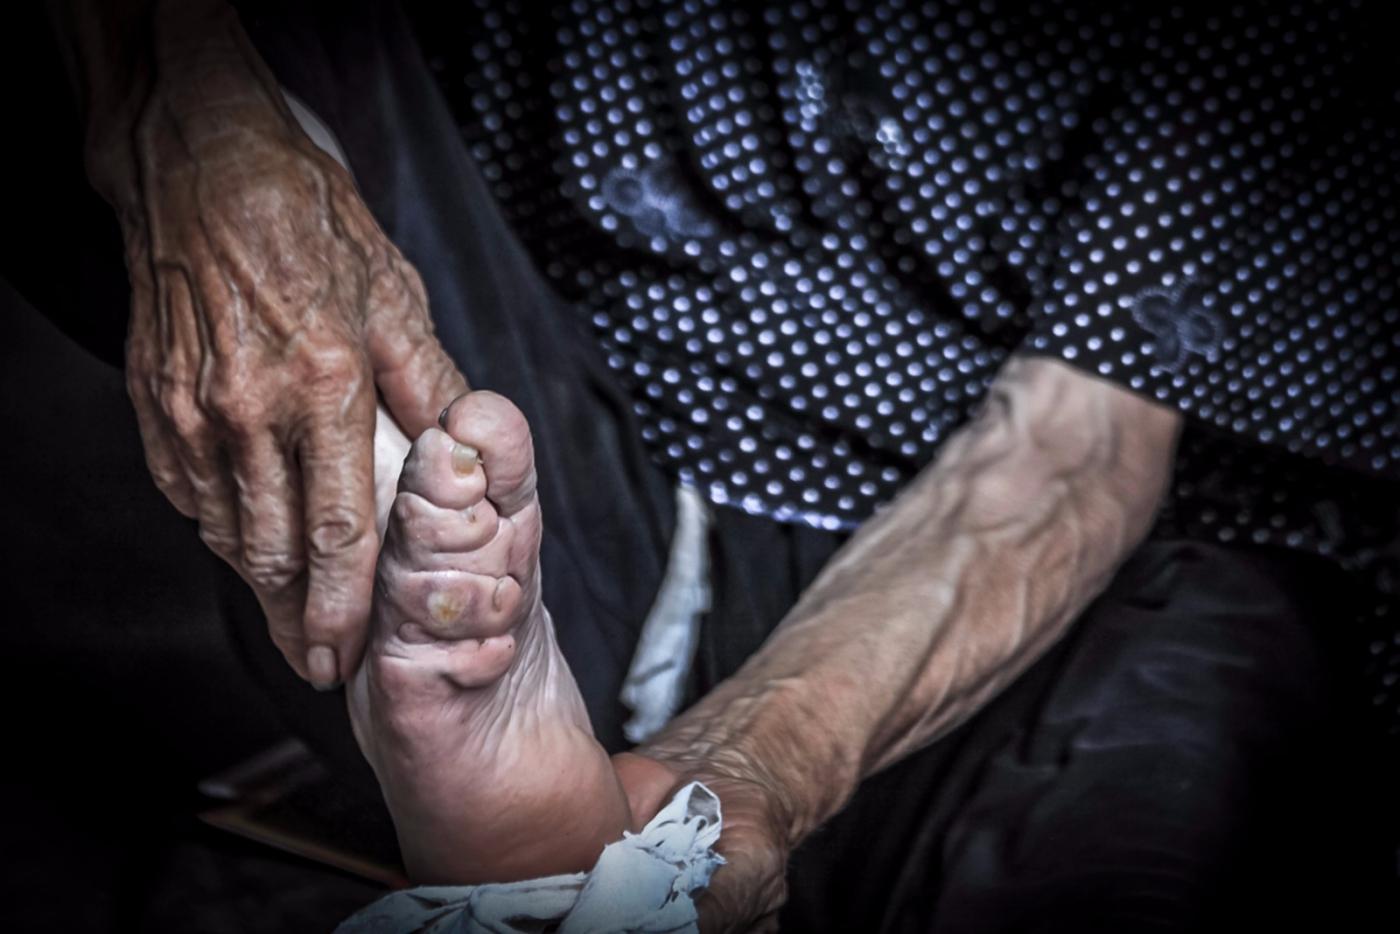 舊社會女人們受到如此摧殘 在大山深處的母親們還飽受如此傷害 ..._圖1-3